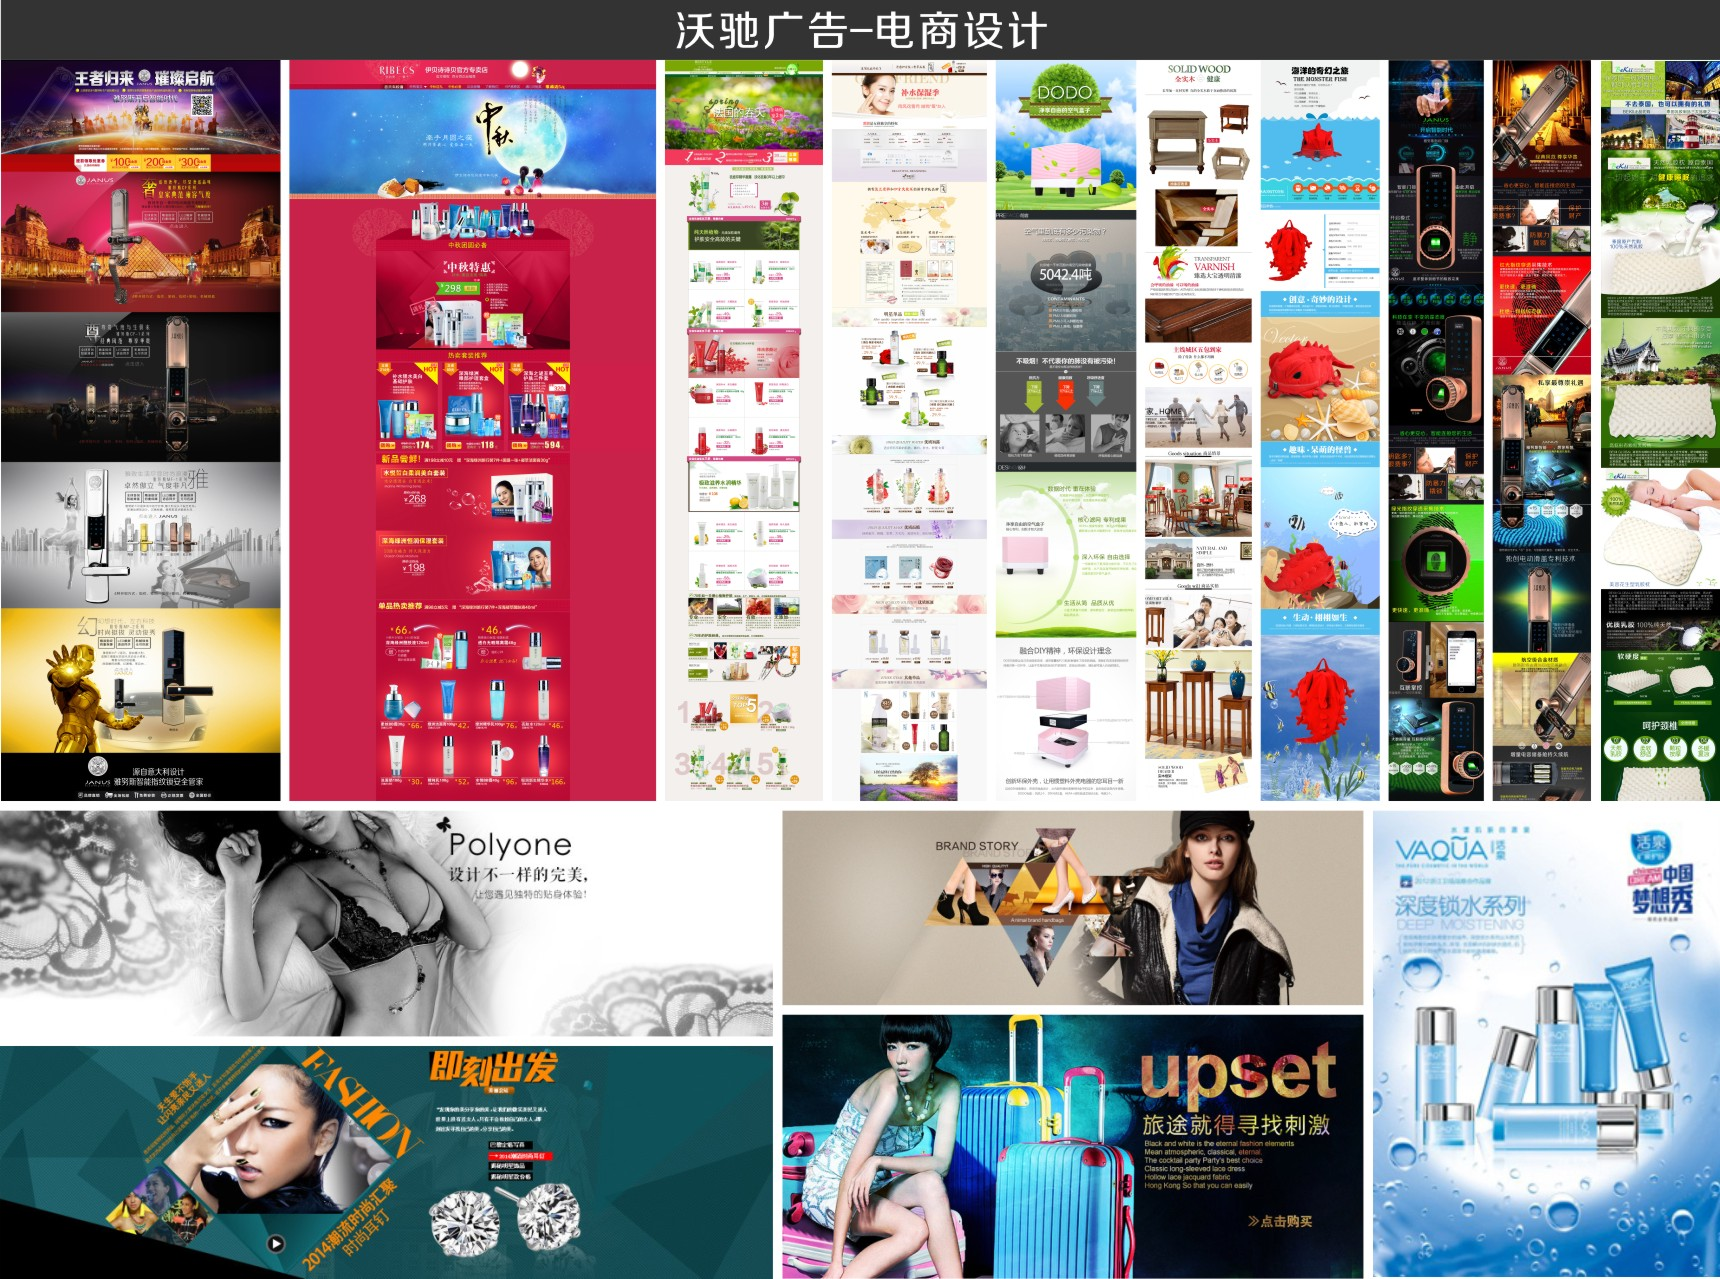 【沃驰广告】画册折页宣传页海报户外广告设计_设计服务>>画册设计>>插画设计